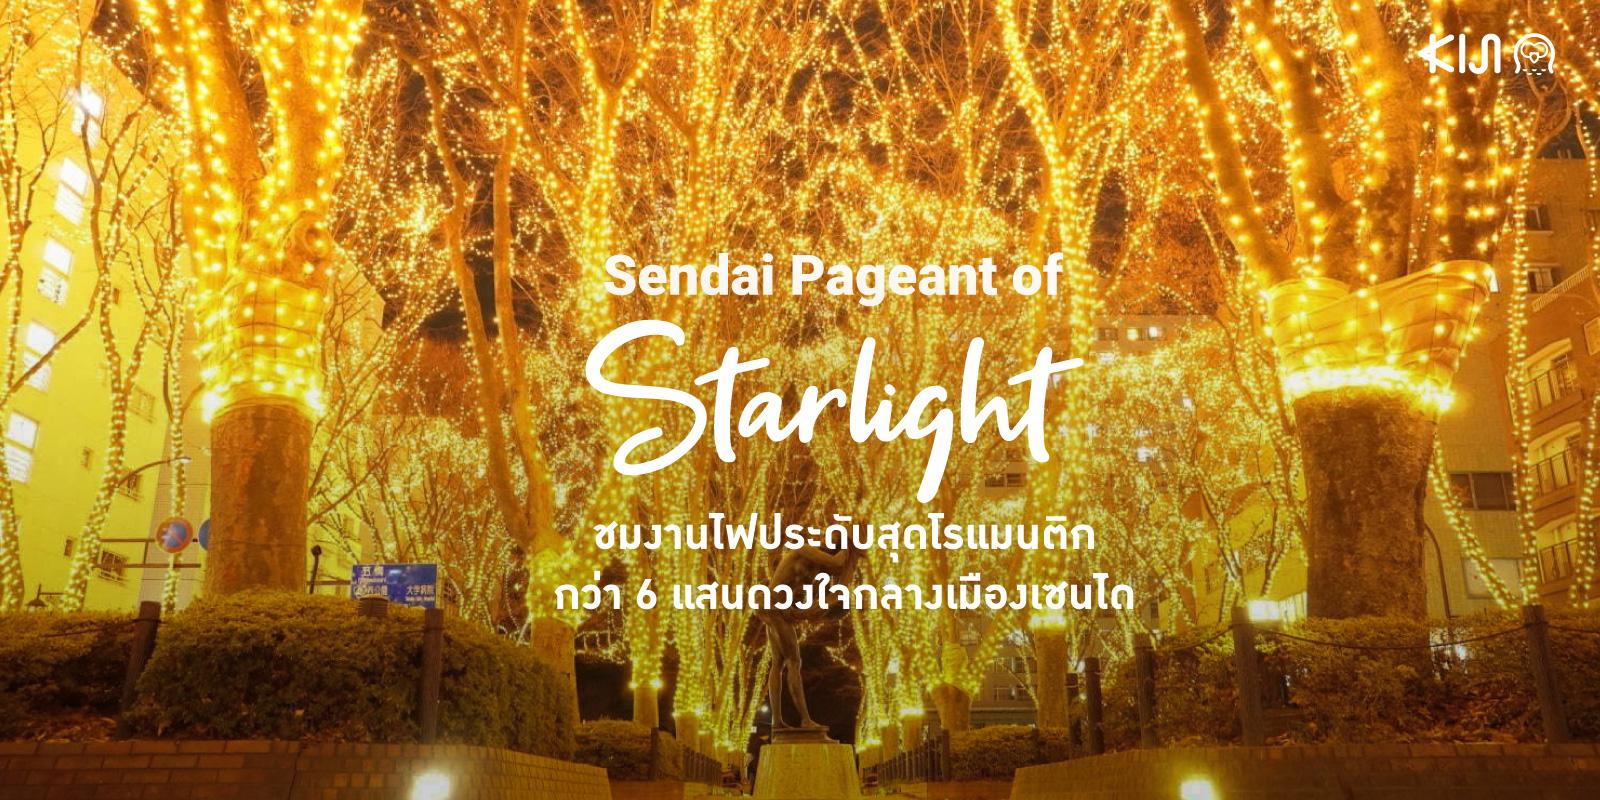 งานเทศกาลไฟประดับ Sendai Pageant of Starlight ส่องสว่างใจกลางเมืองเซนได